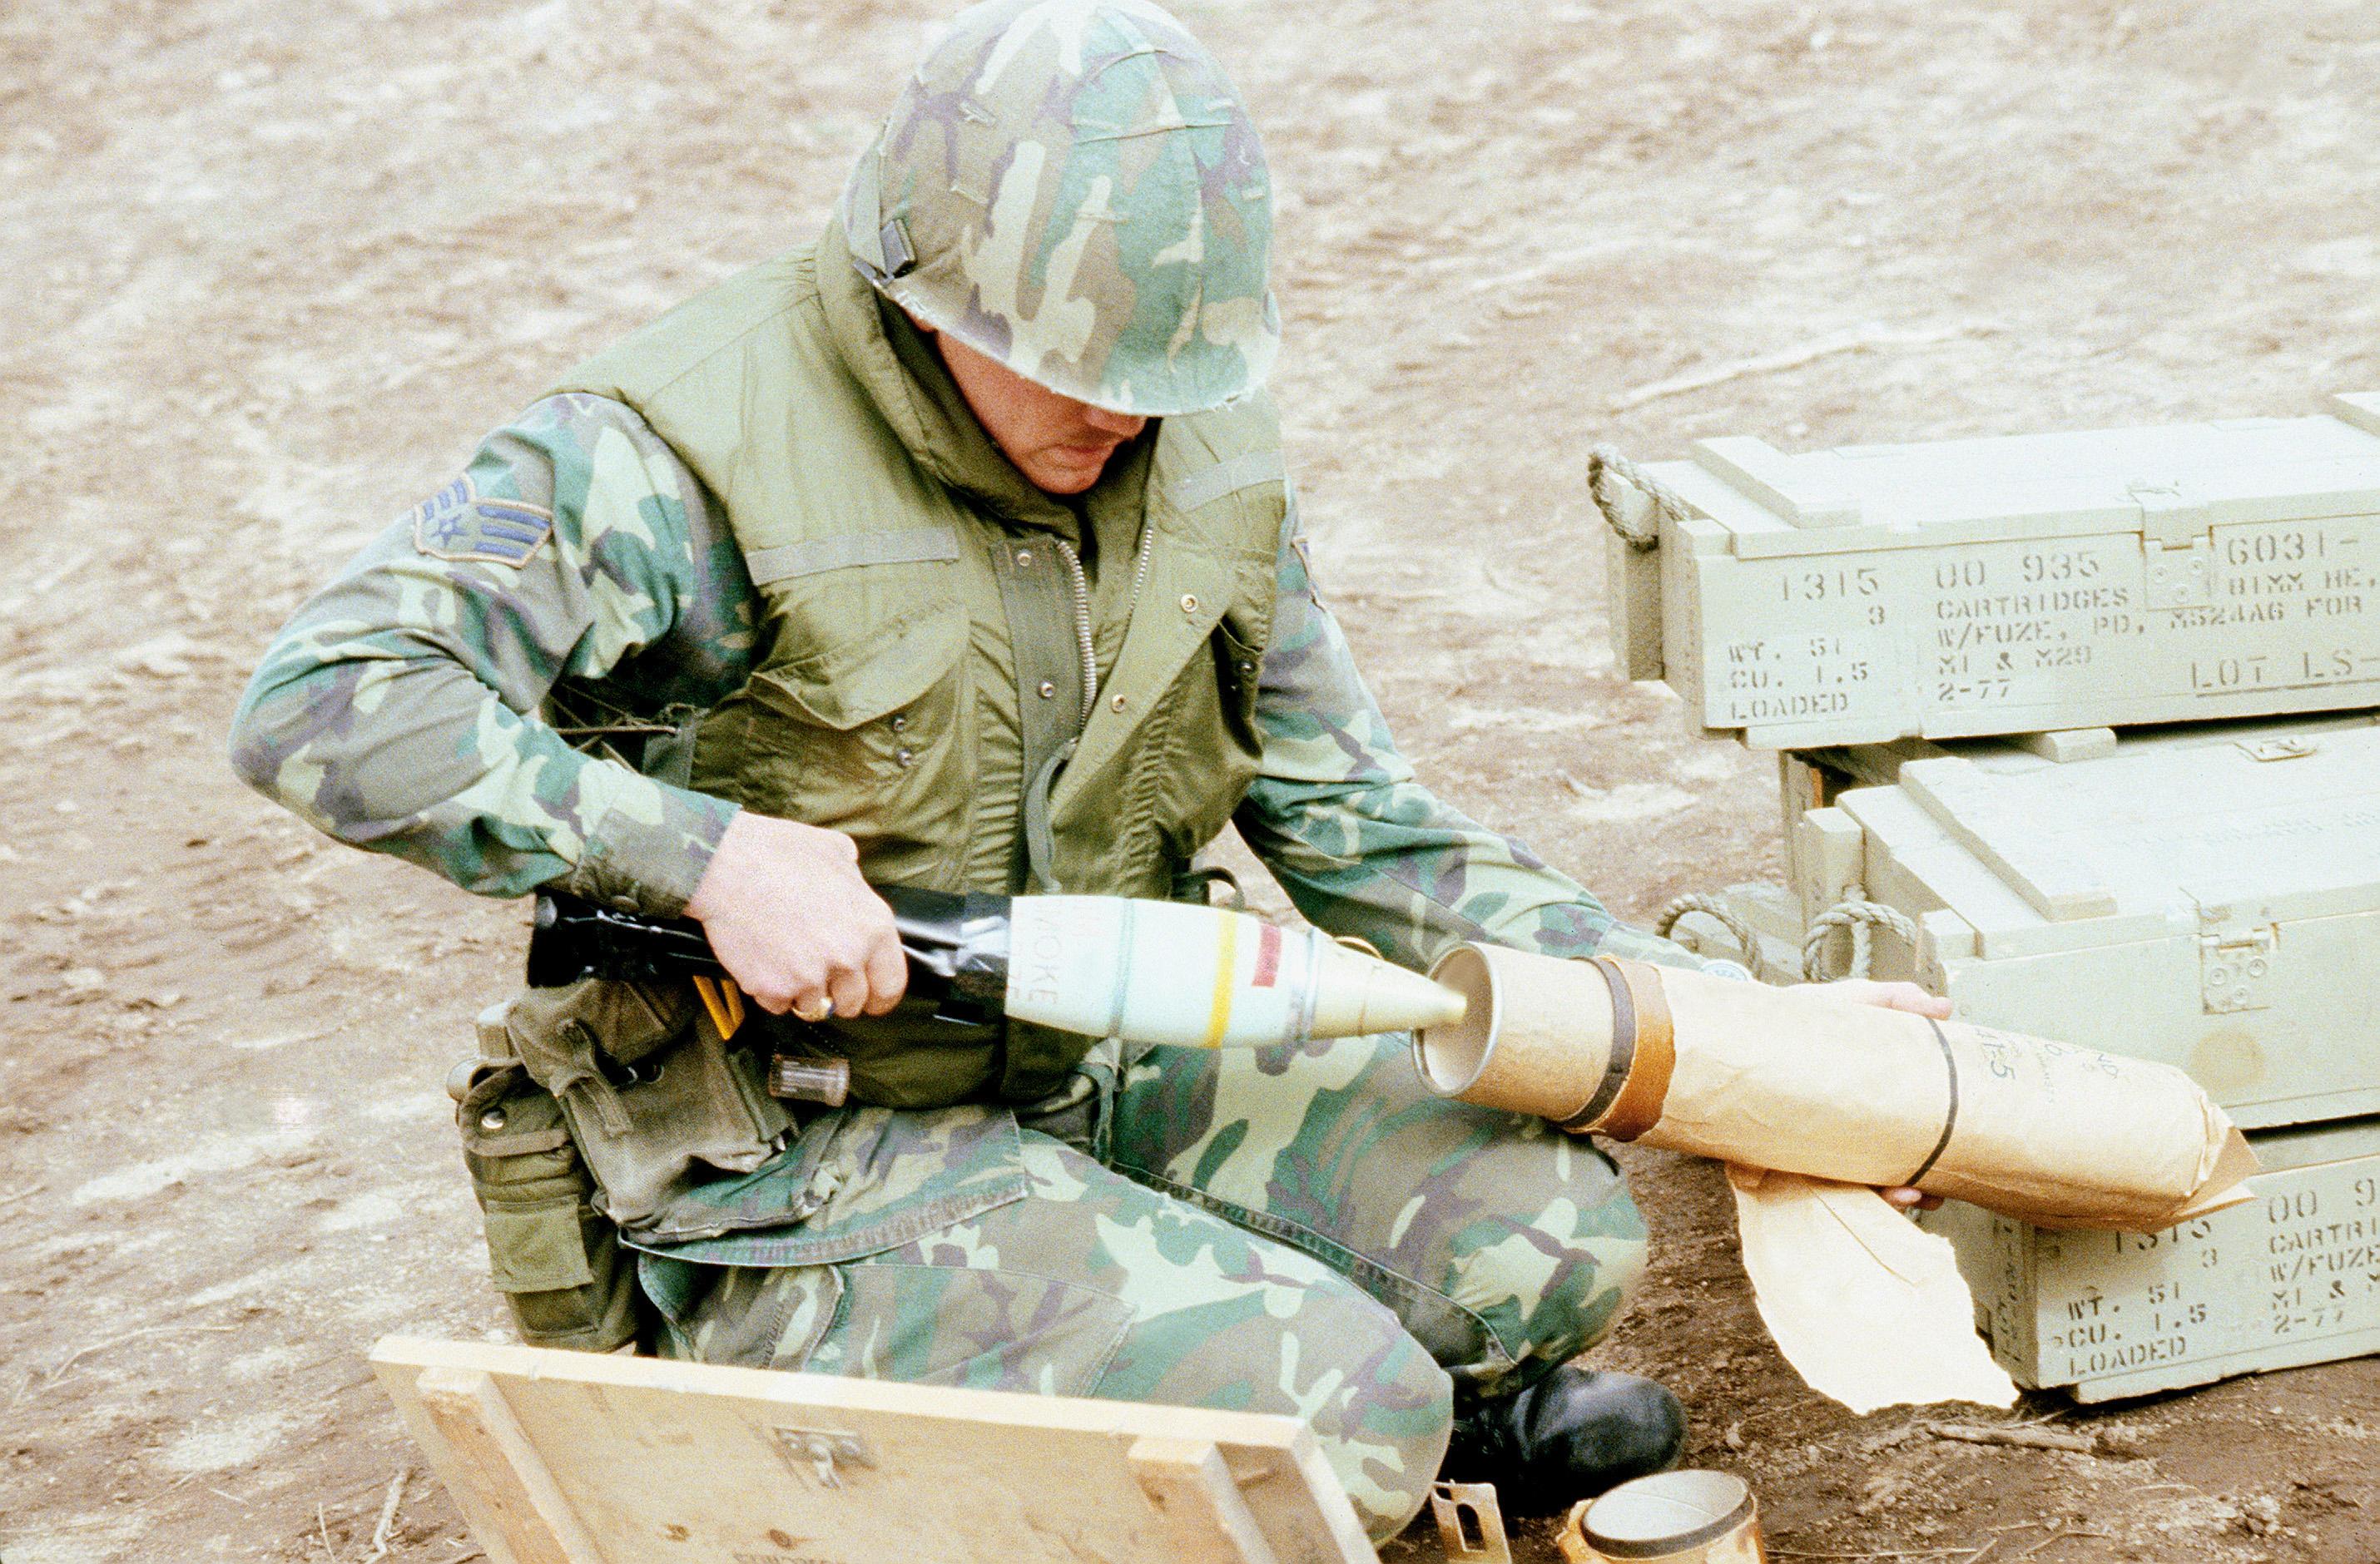 Фосфорная бомба: принцип действия и последствия. фосфорные бомбы – ядовитый дым, высокая температура фосфорная бомба последствия для человека